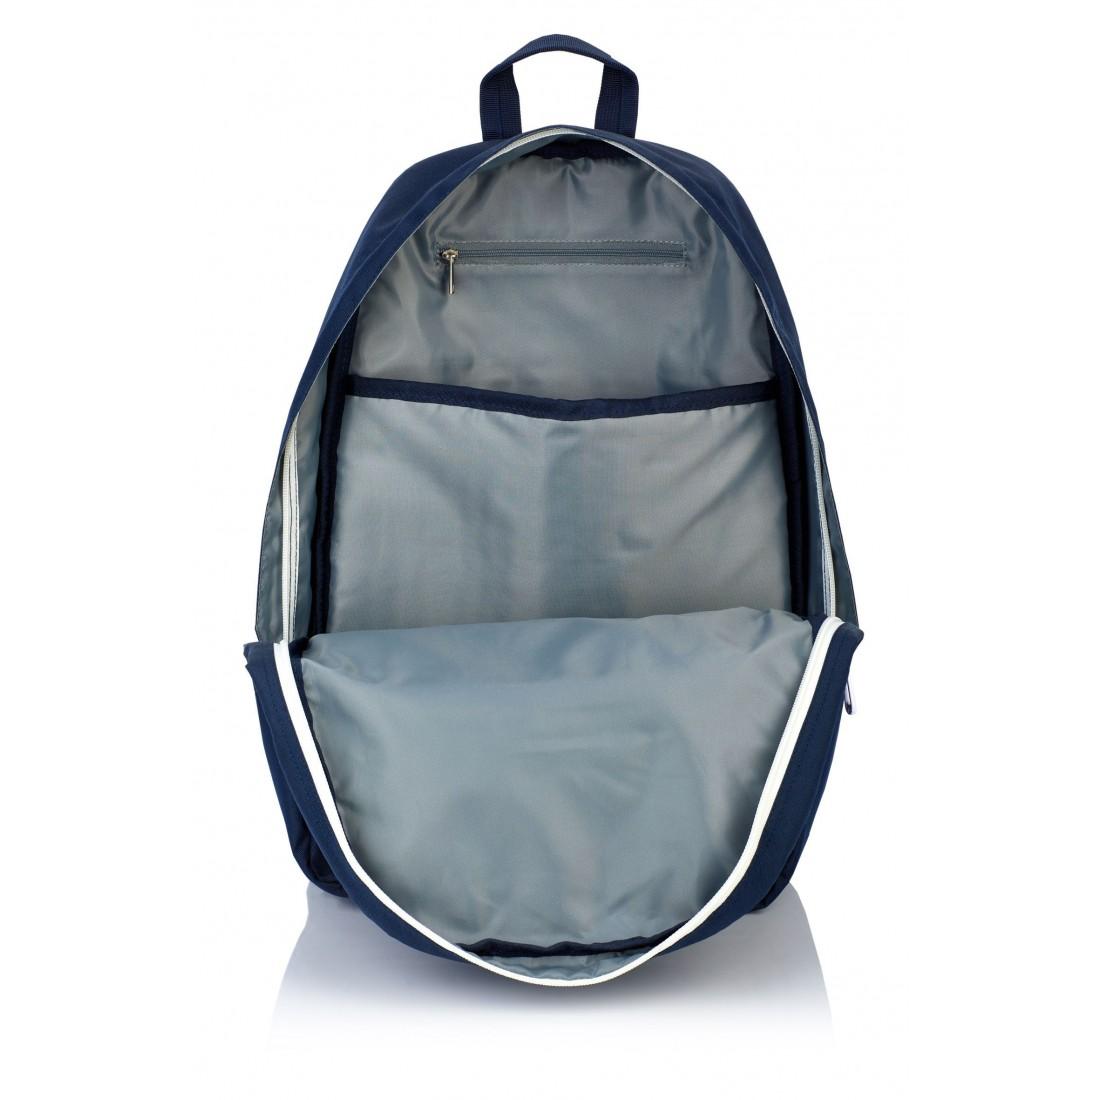 Plecak szkolny HEAD granatowy białe zamki młodzieżowy styl kieszeń na laptop